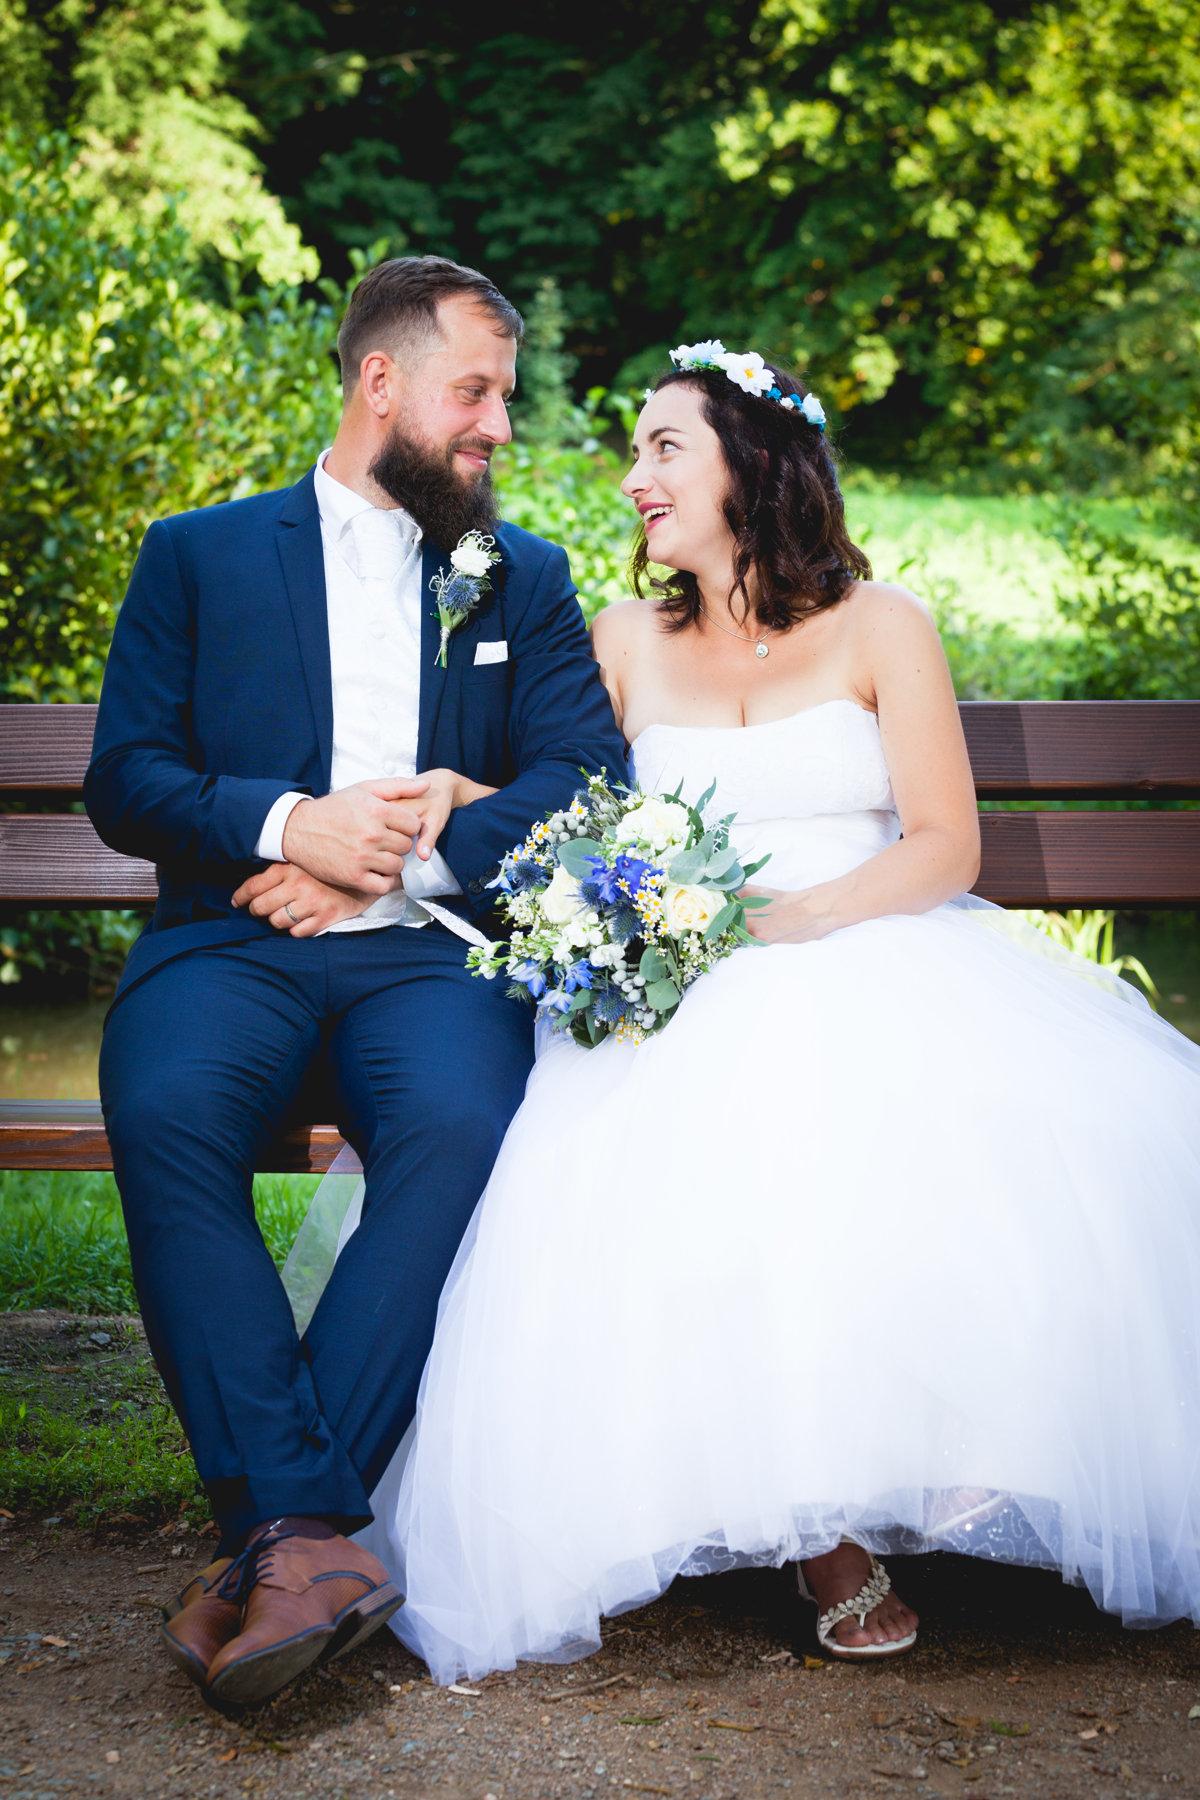 Svatební portrét, nevěsta se ženichem sedí na lavičce a dívají se na sebe